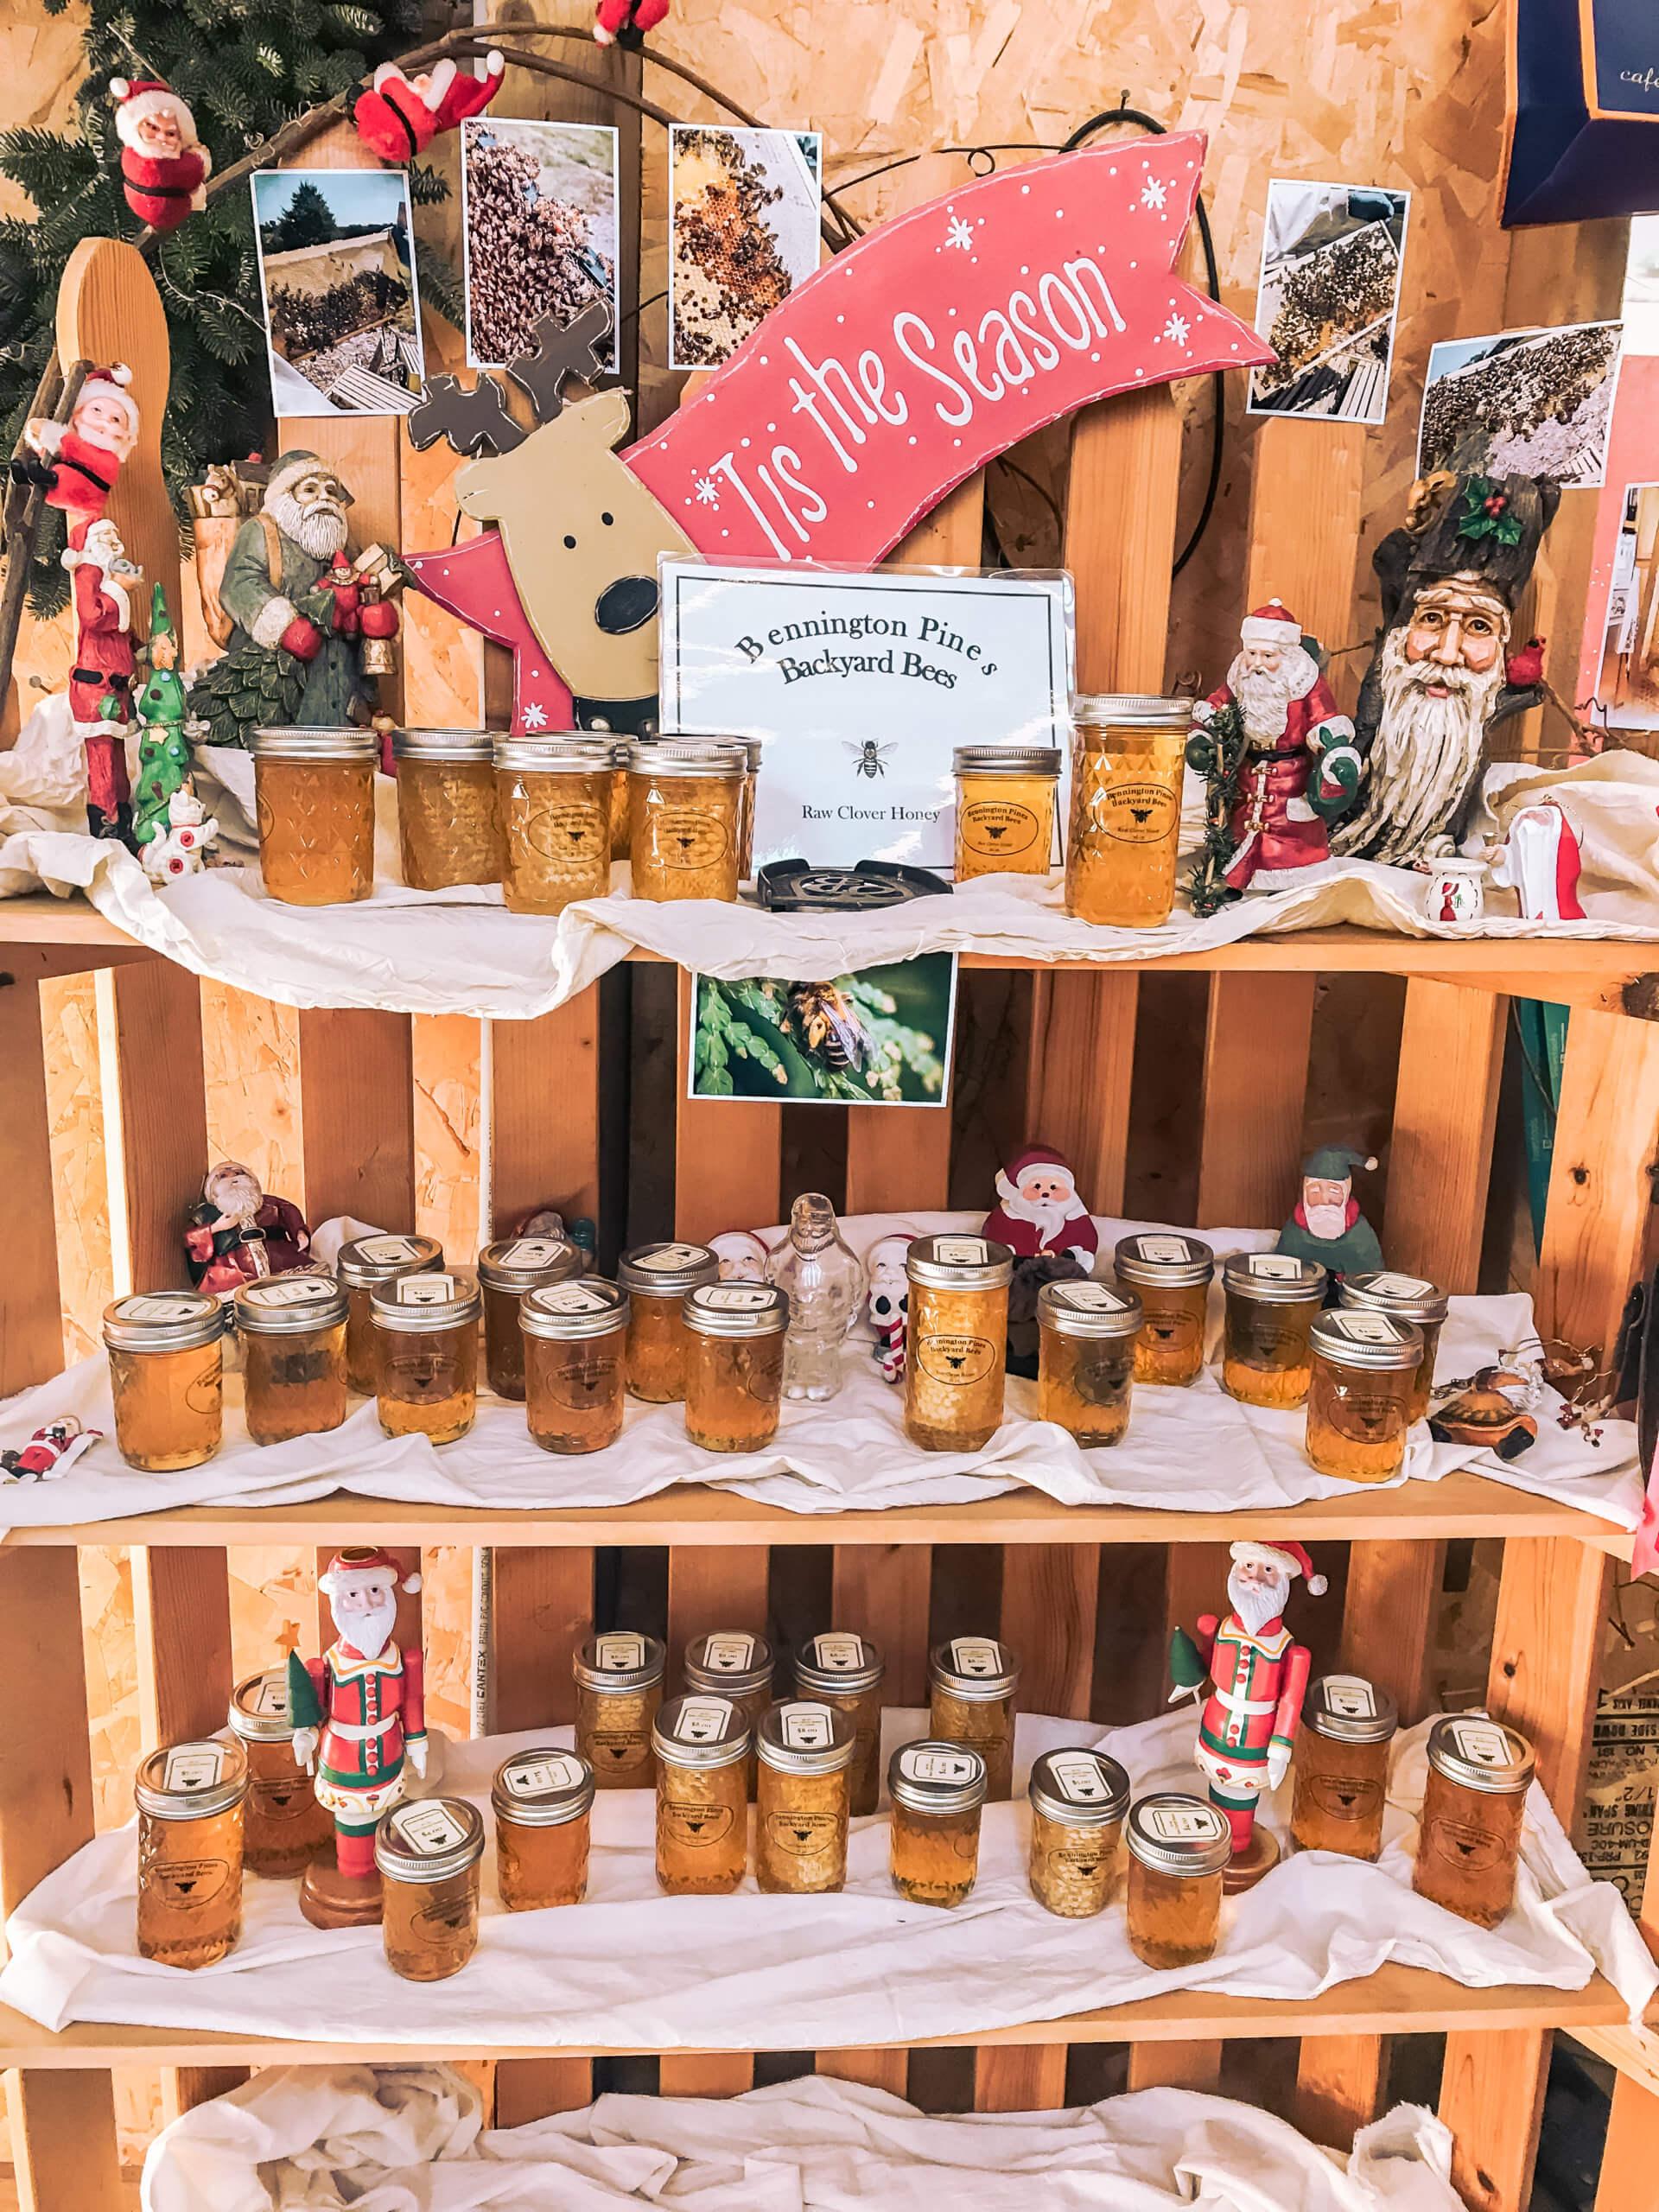 Clover honey display at Bennington Pines